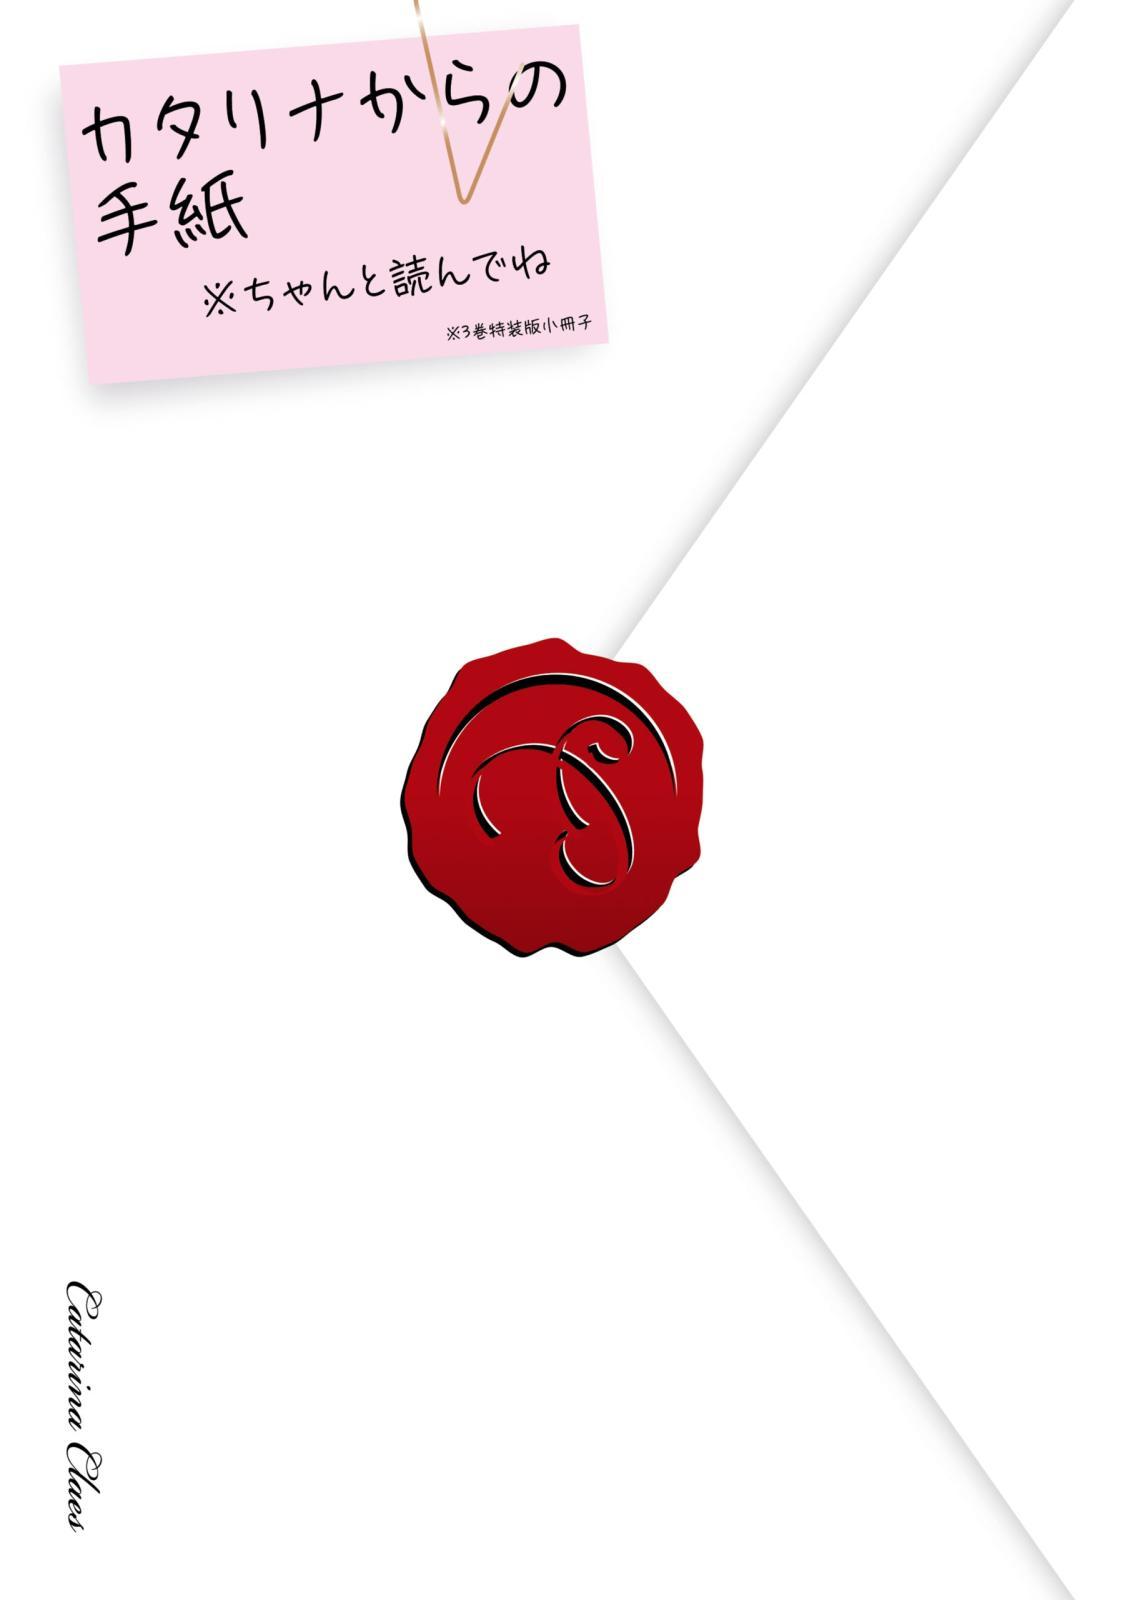 乙女ゲームの破滅フラグしかない悪役令嬢に転生してしまった… カタリナからの手紙